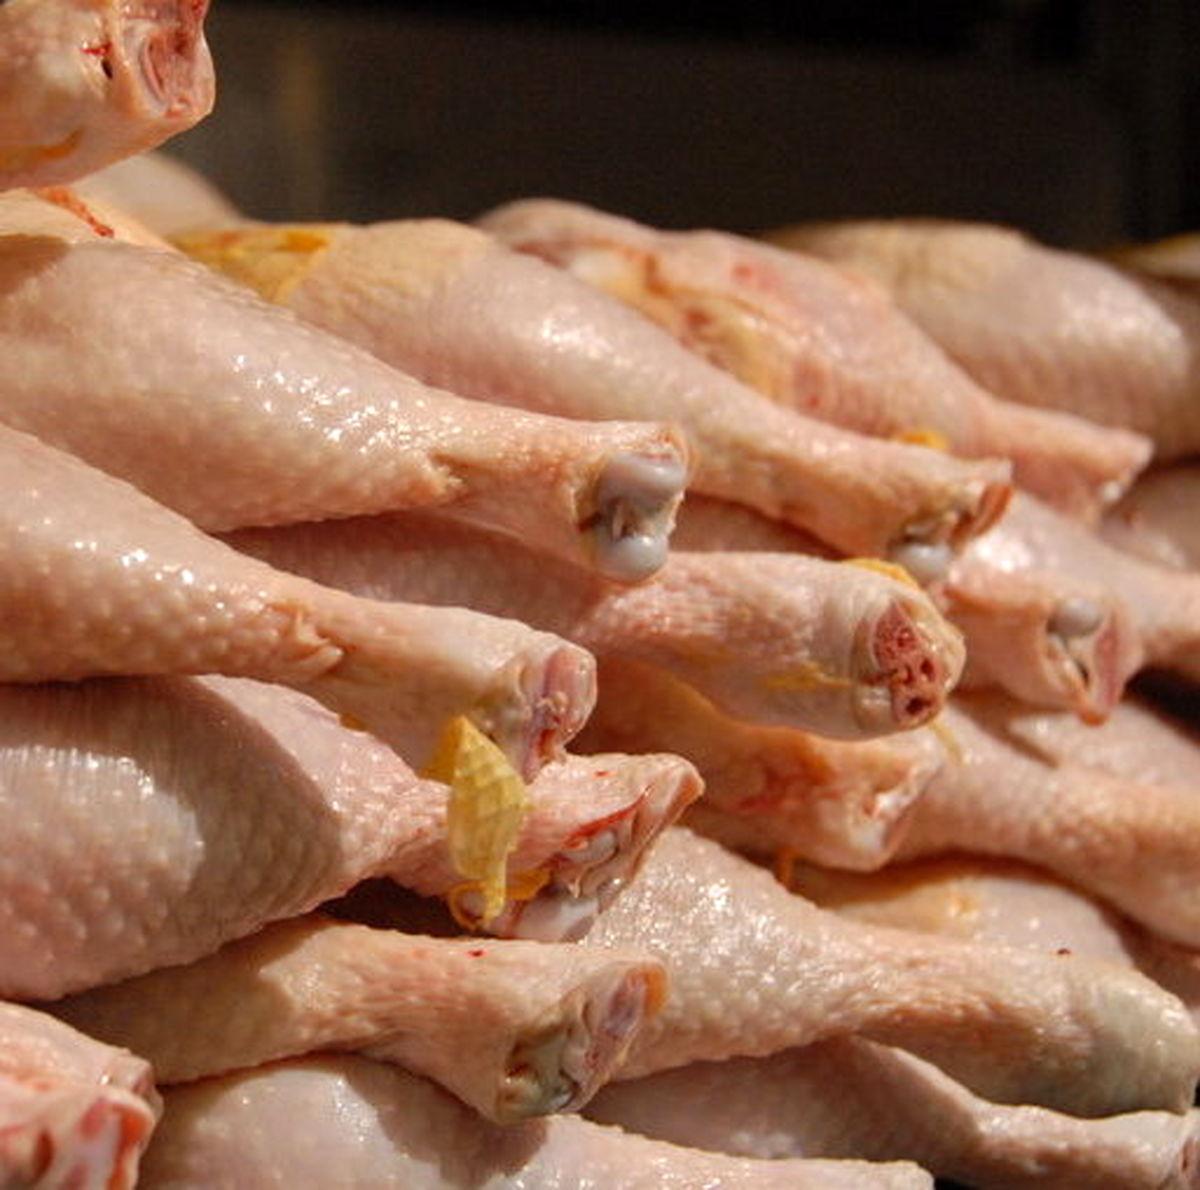 این مراکز قیمت مرغ دولتی است   مرغ ارزان از کجا بخریم؟